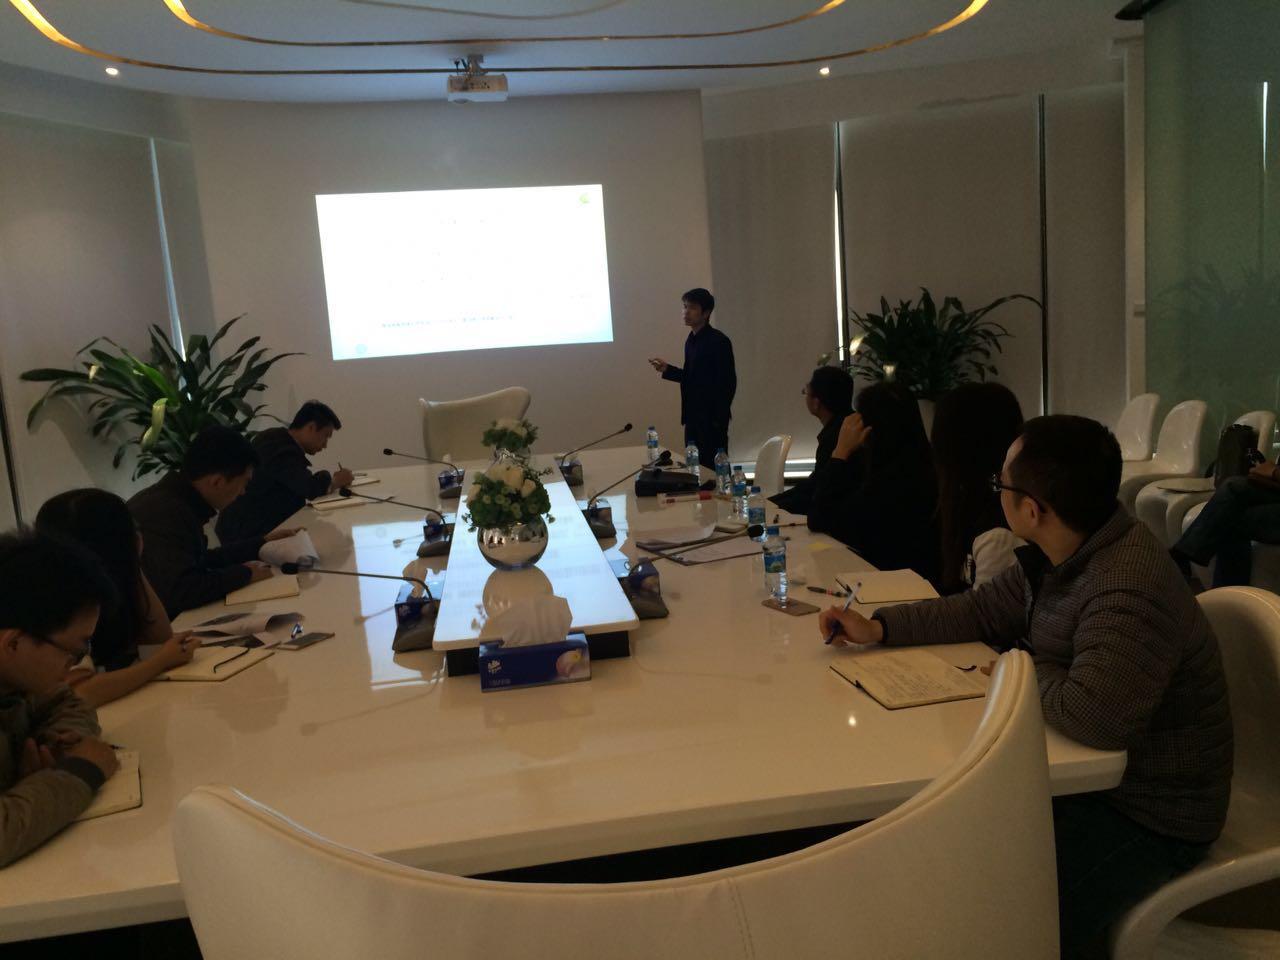 ◆ 华强集团3月10号邀请我司做绿色建筑专题讲座